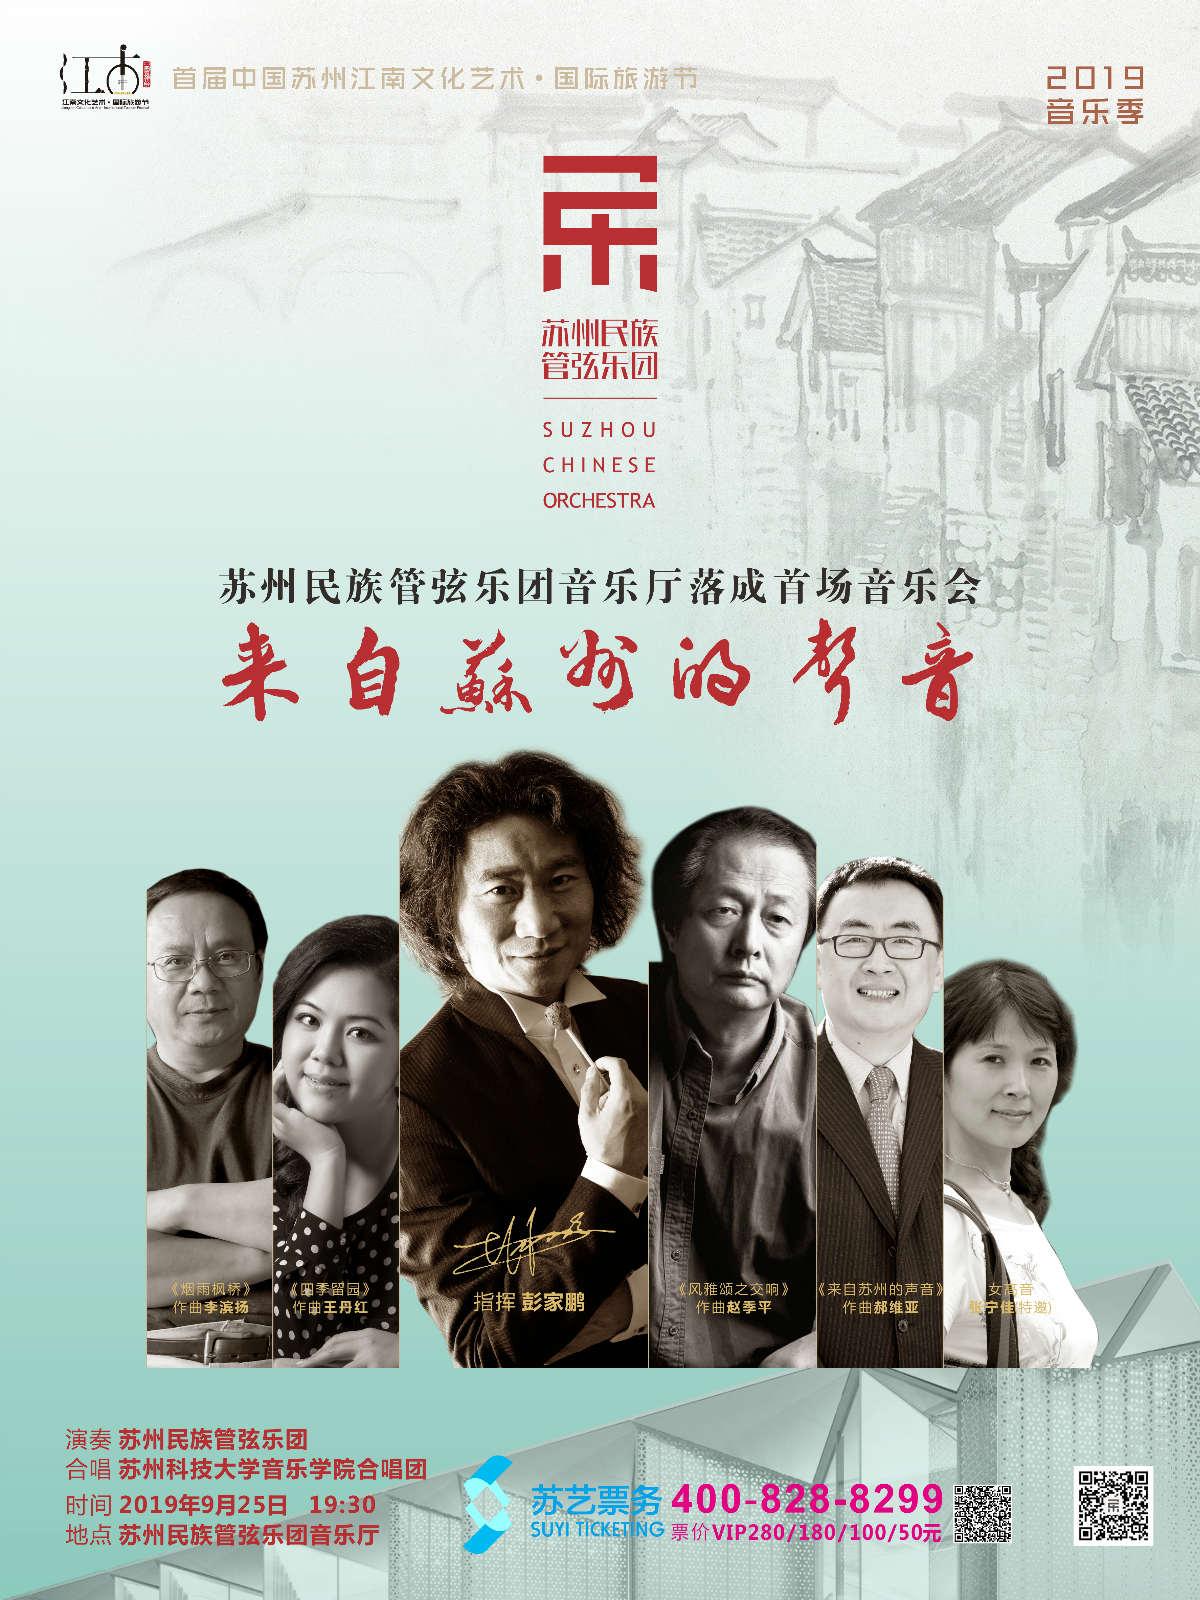 苏州民族管弦乐团音乐厅落成首场音乐会 「来自苏州的声音」【票务代理】